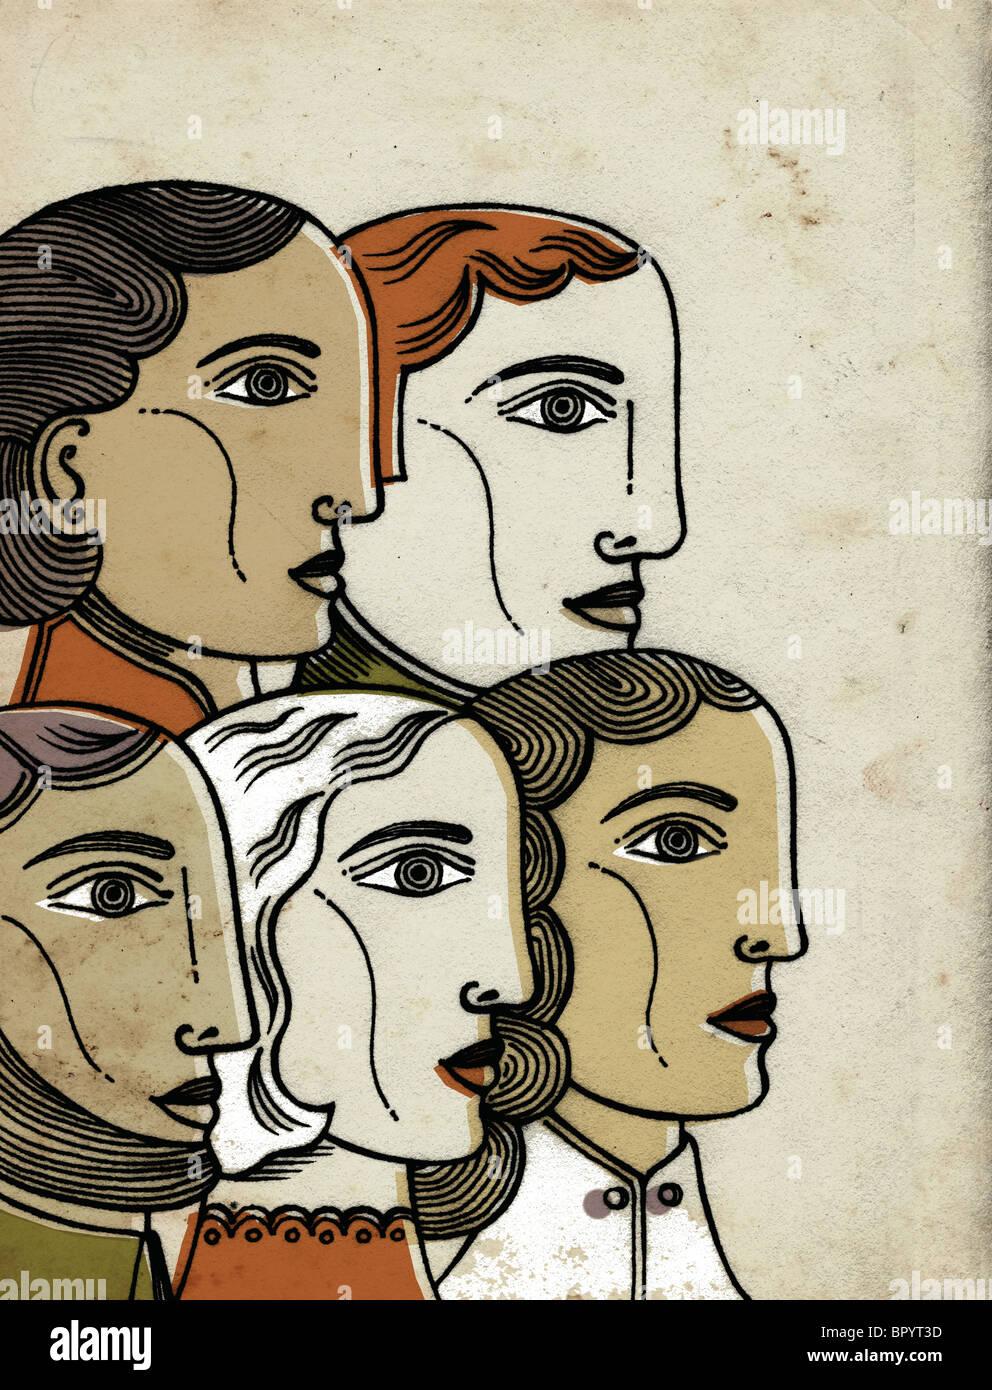 Los perfiles de cinco personas de diferentes etnias juntos Imagen De Stock